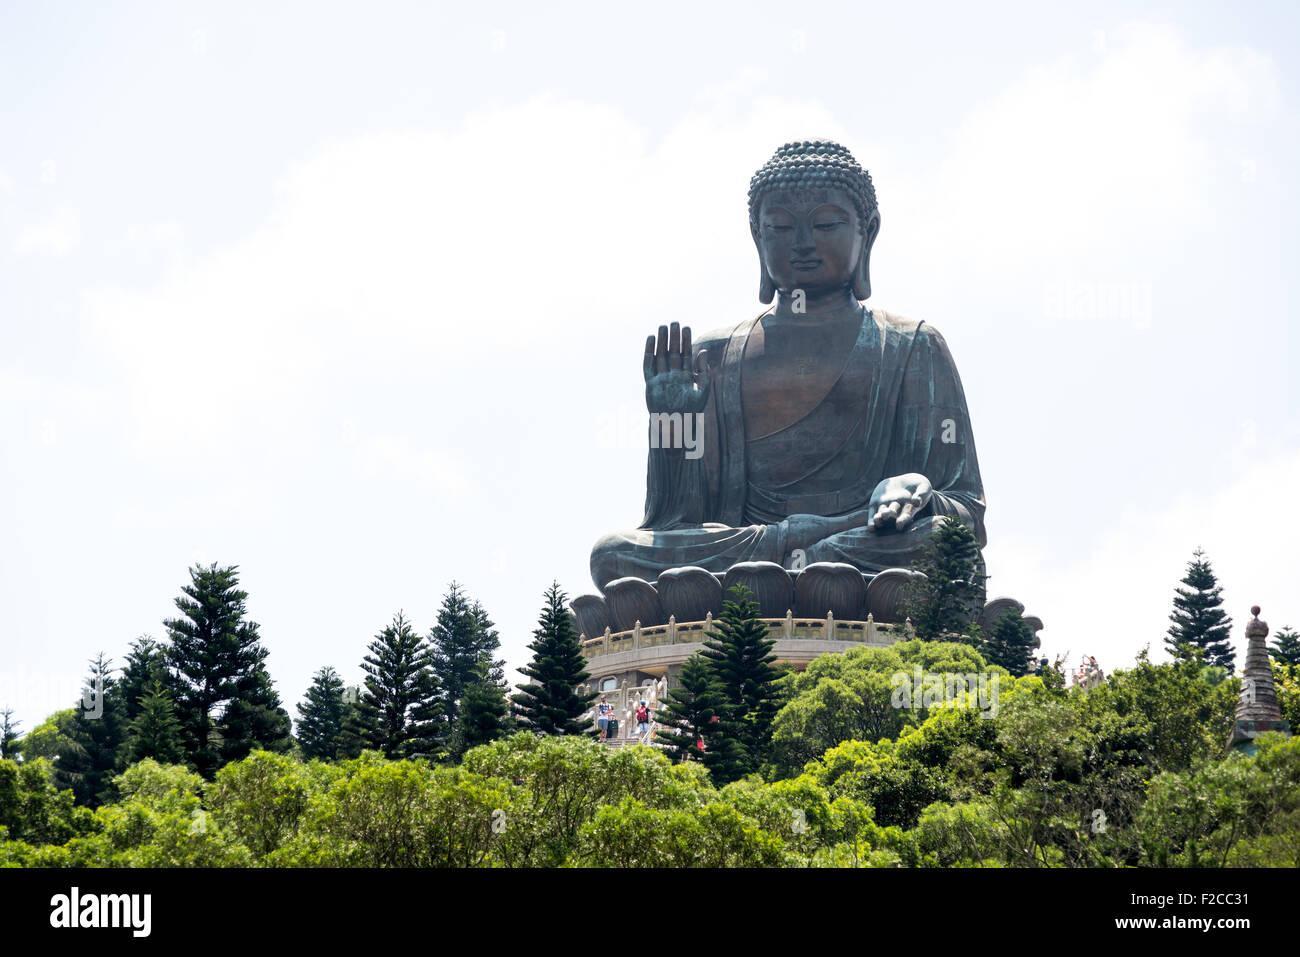 Big Buddha at Ngong Ping village, Lantau, Hong Kong - Stock Image